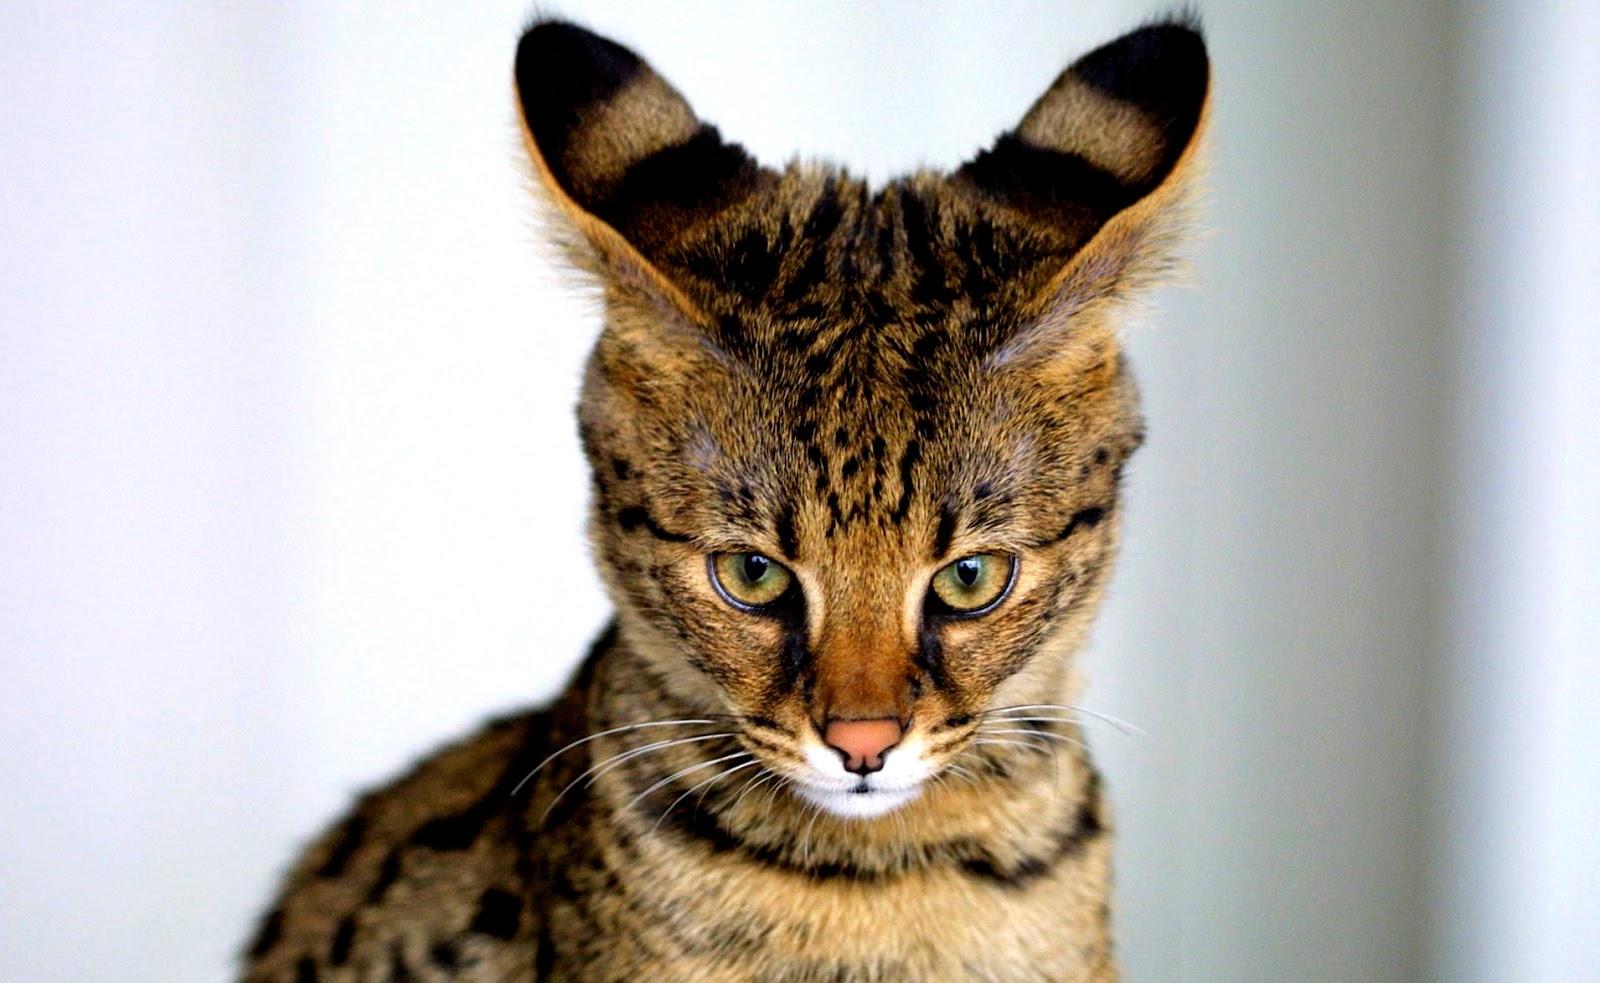 Gambar Kucing Imut Dan Lucu Kumpulan Gambar